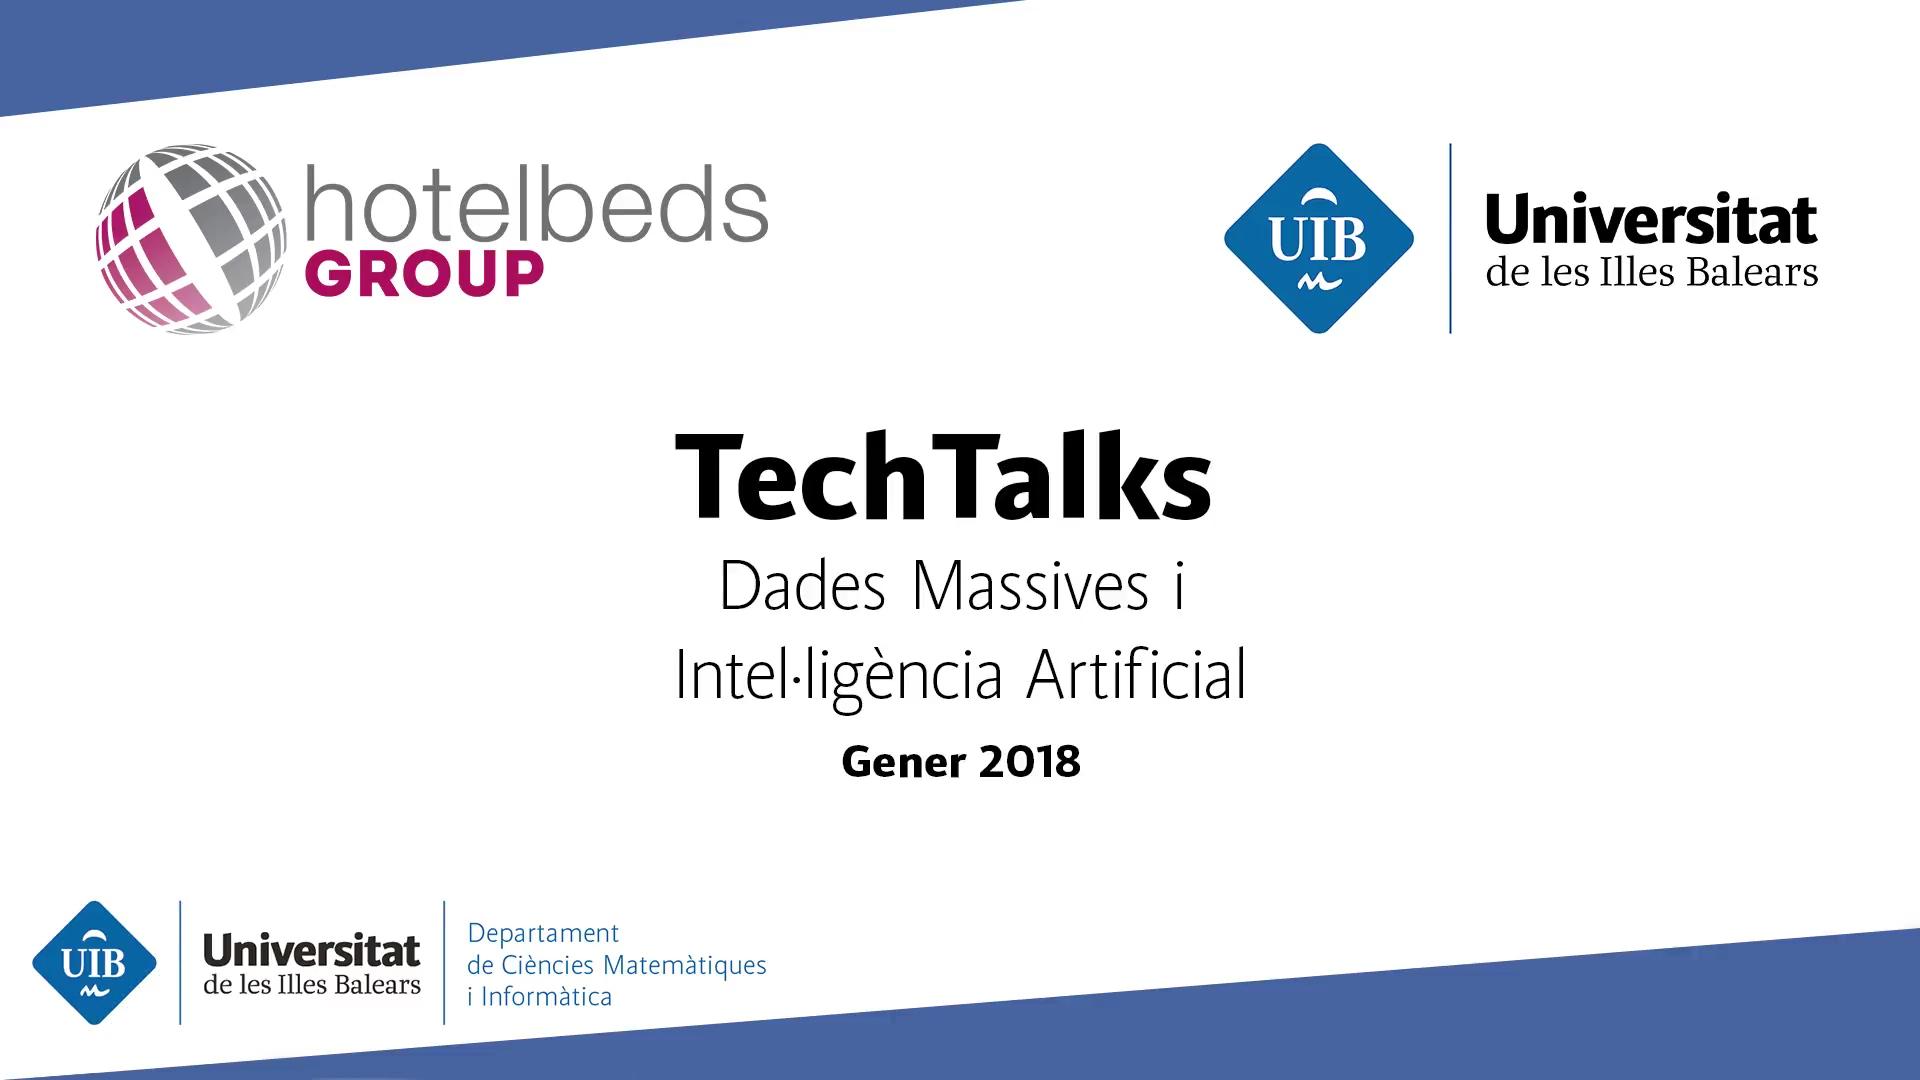 TechTalks: Càtedra HotelBeds